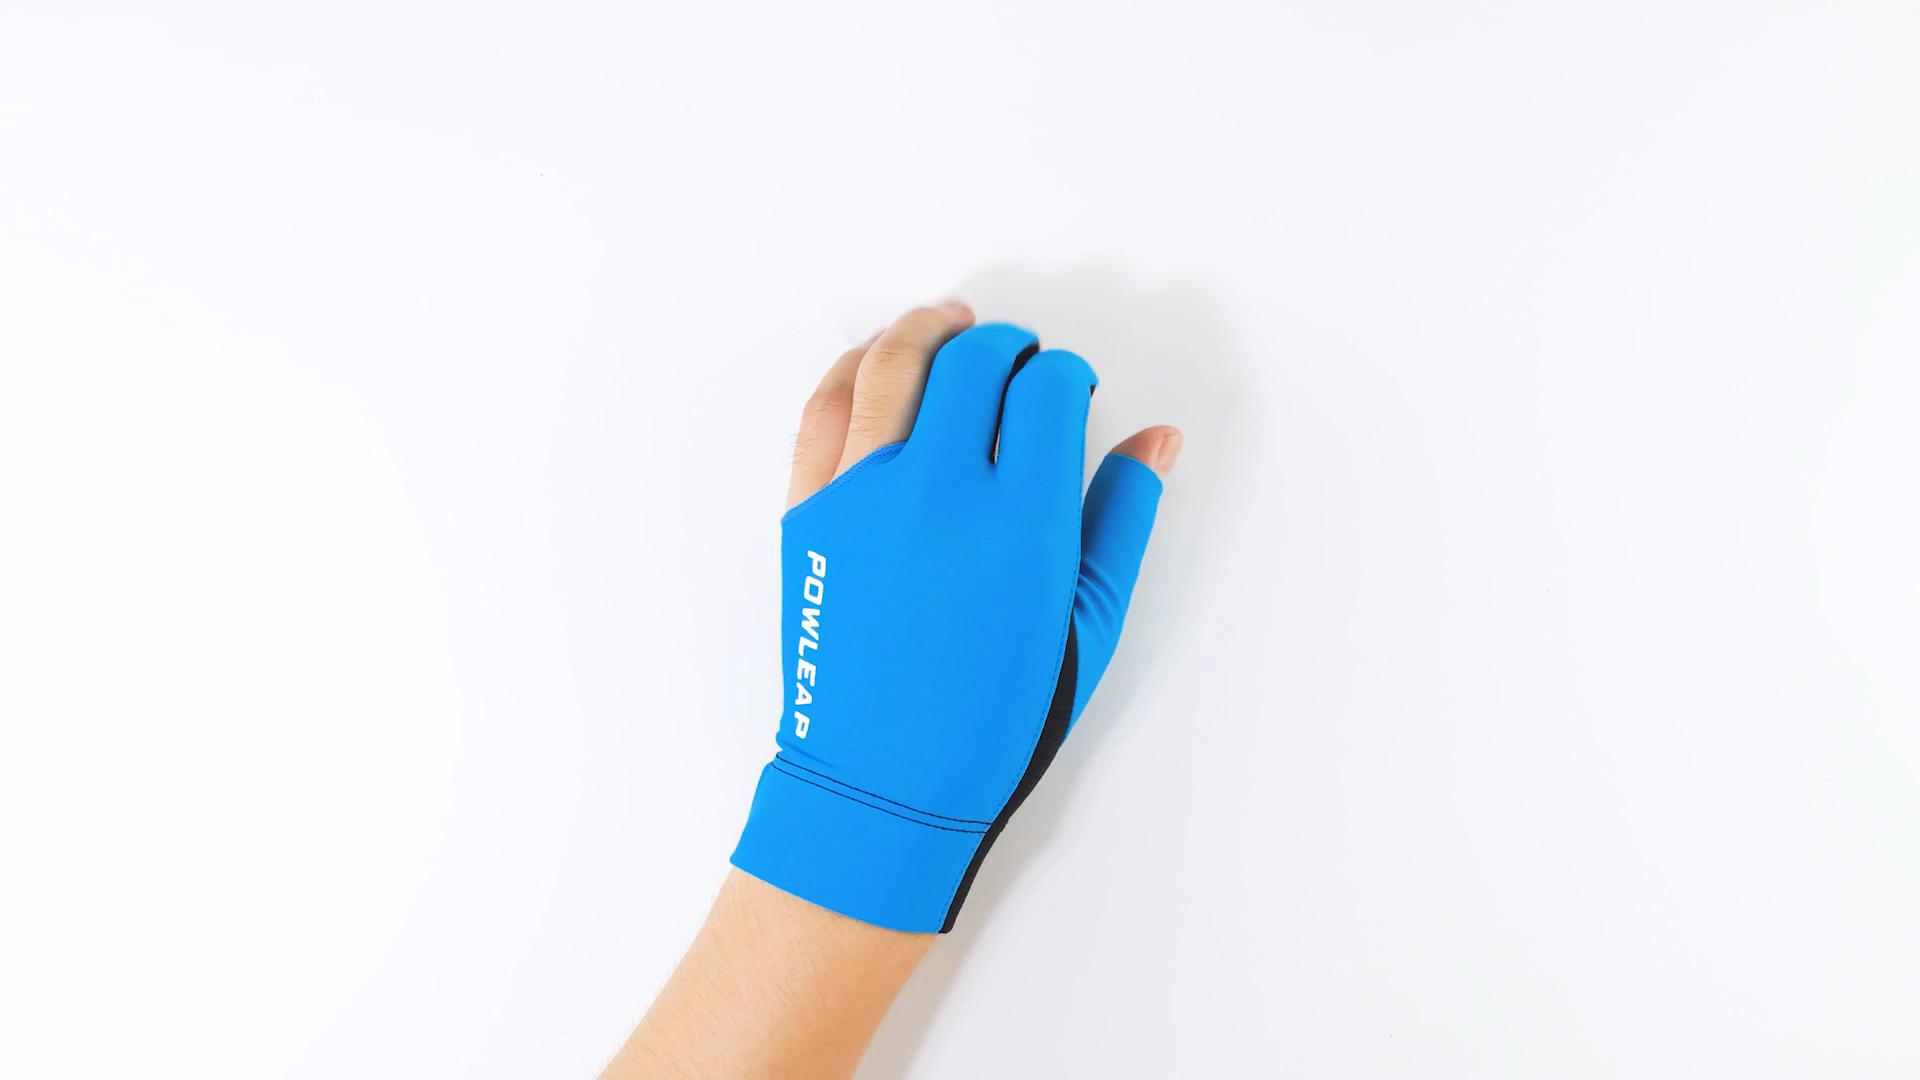 2021 สามนิ้วมือซ้ายมือบิลเลียดนักกีฬาถุงมือสระว่ายน้ำCueถุงมือสวมใส่ถุงมือสนุ้กเกอร์